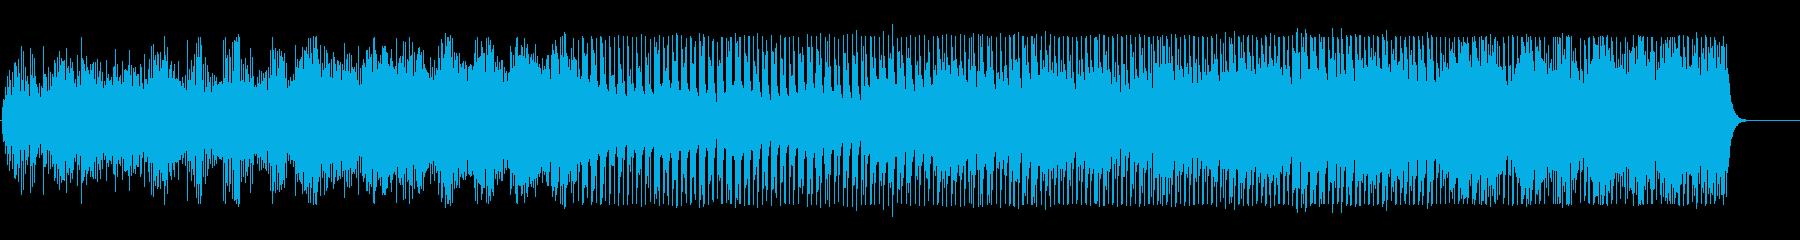 機械的なアルペジオとダンスビートの再生済みの波形